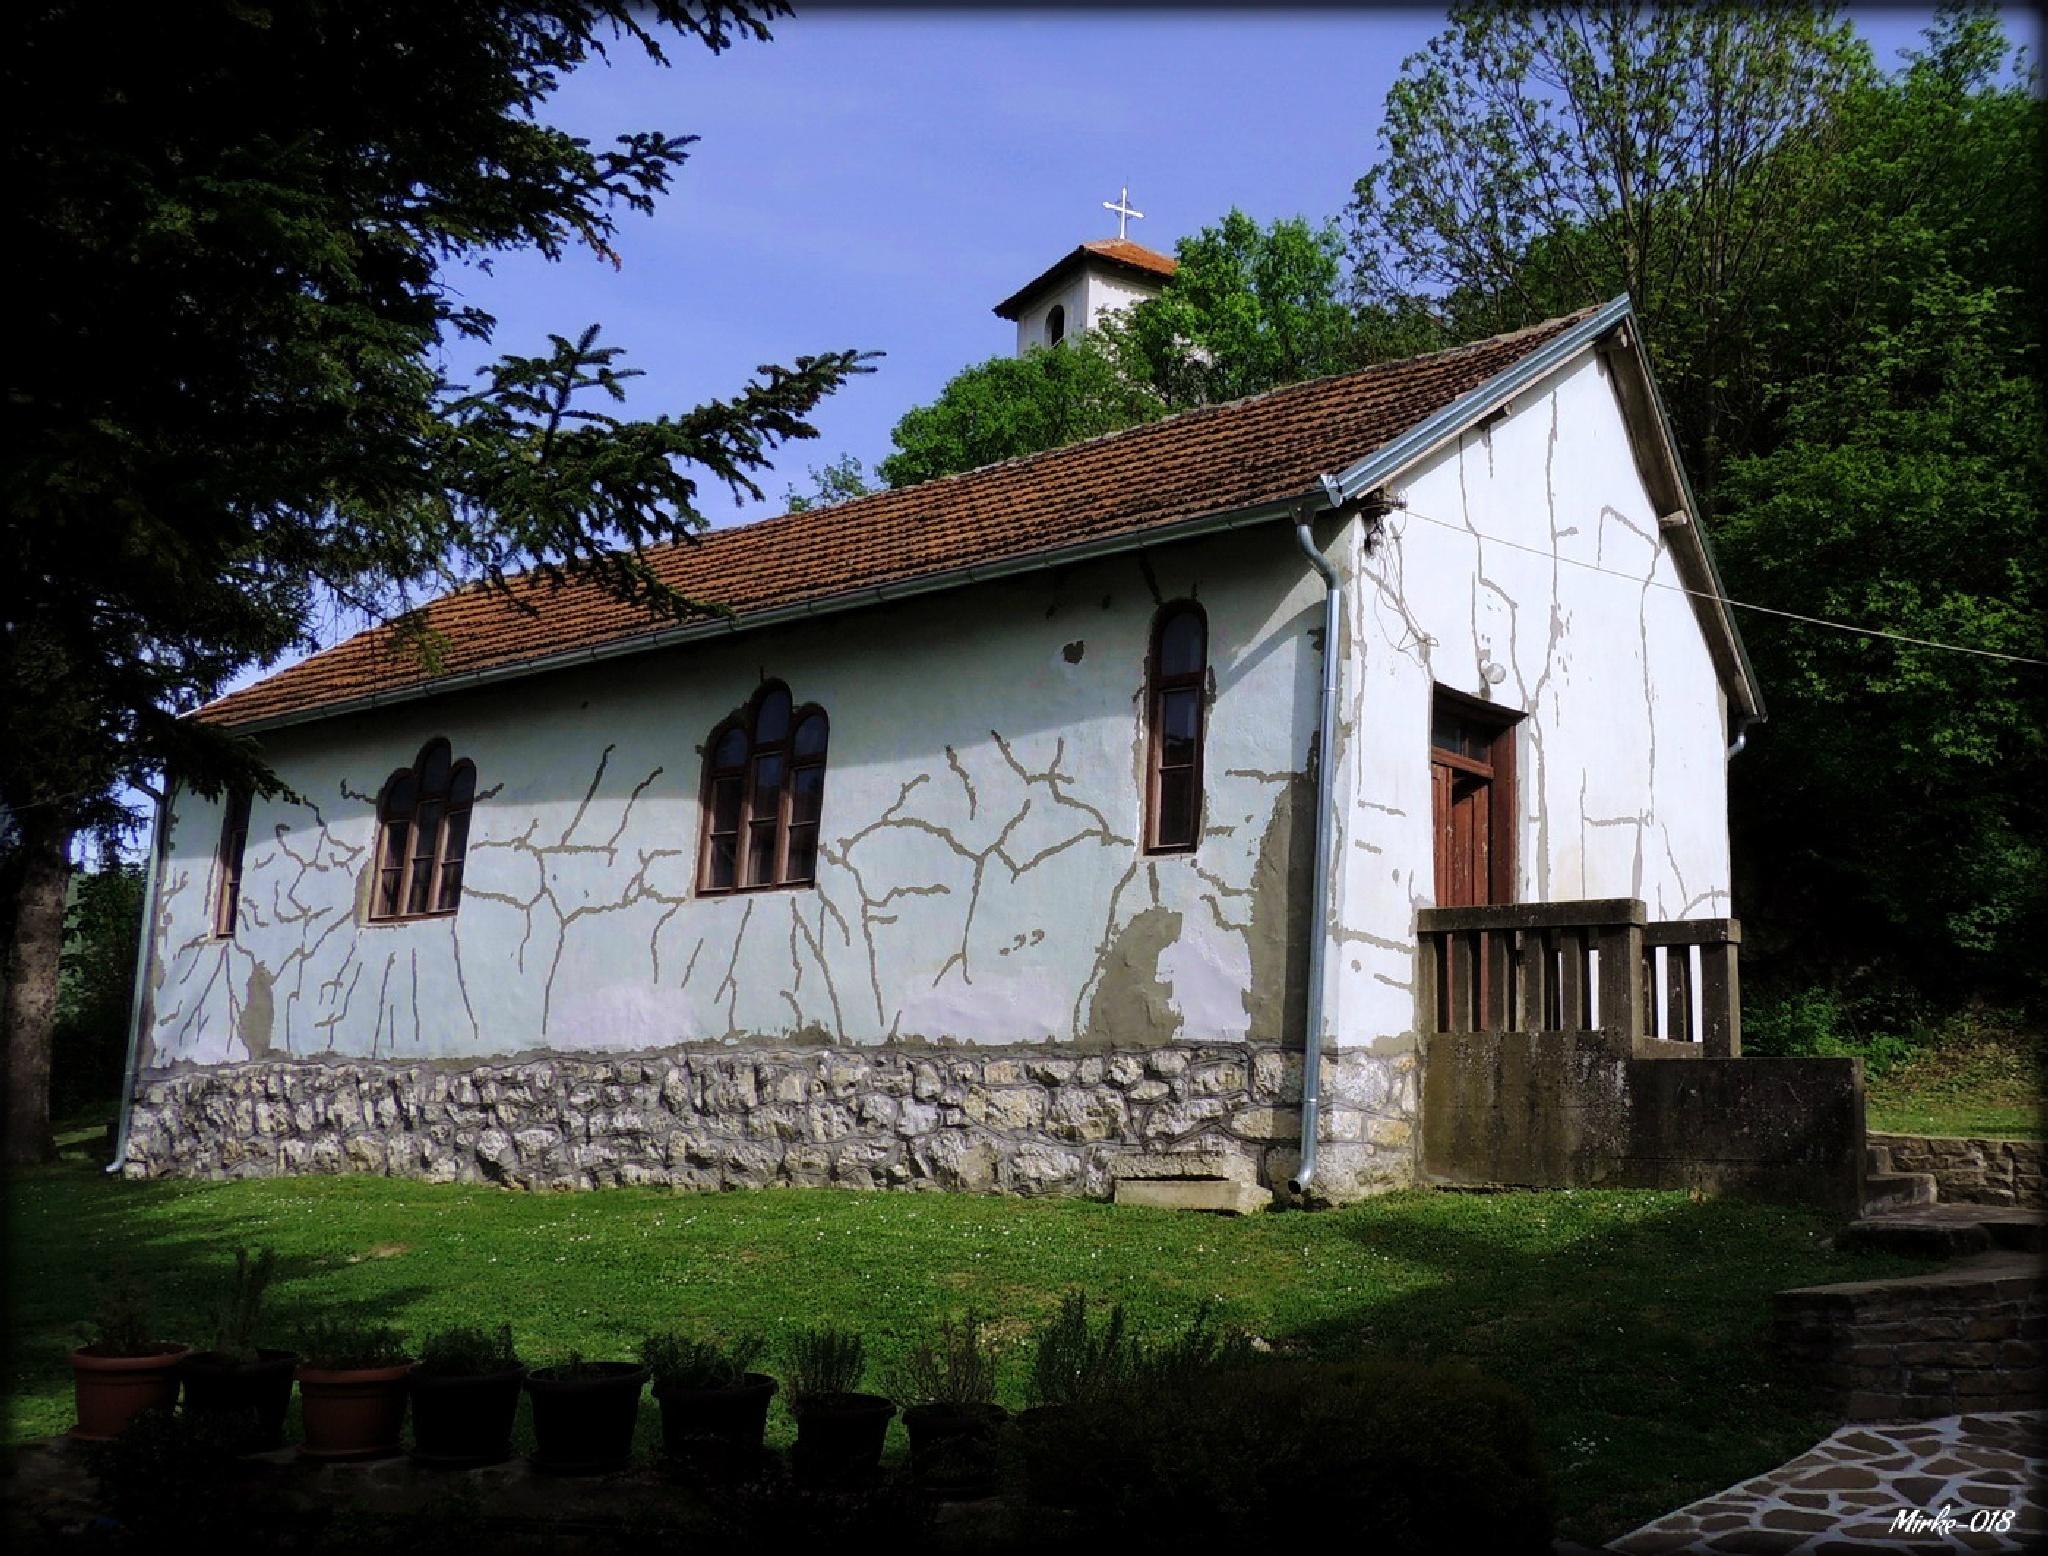 Манастир Дивљана / Monastery Divljana by Јовица М